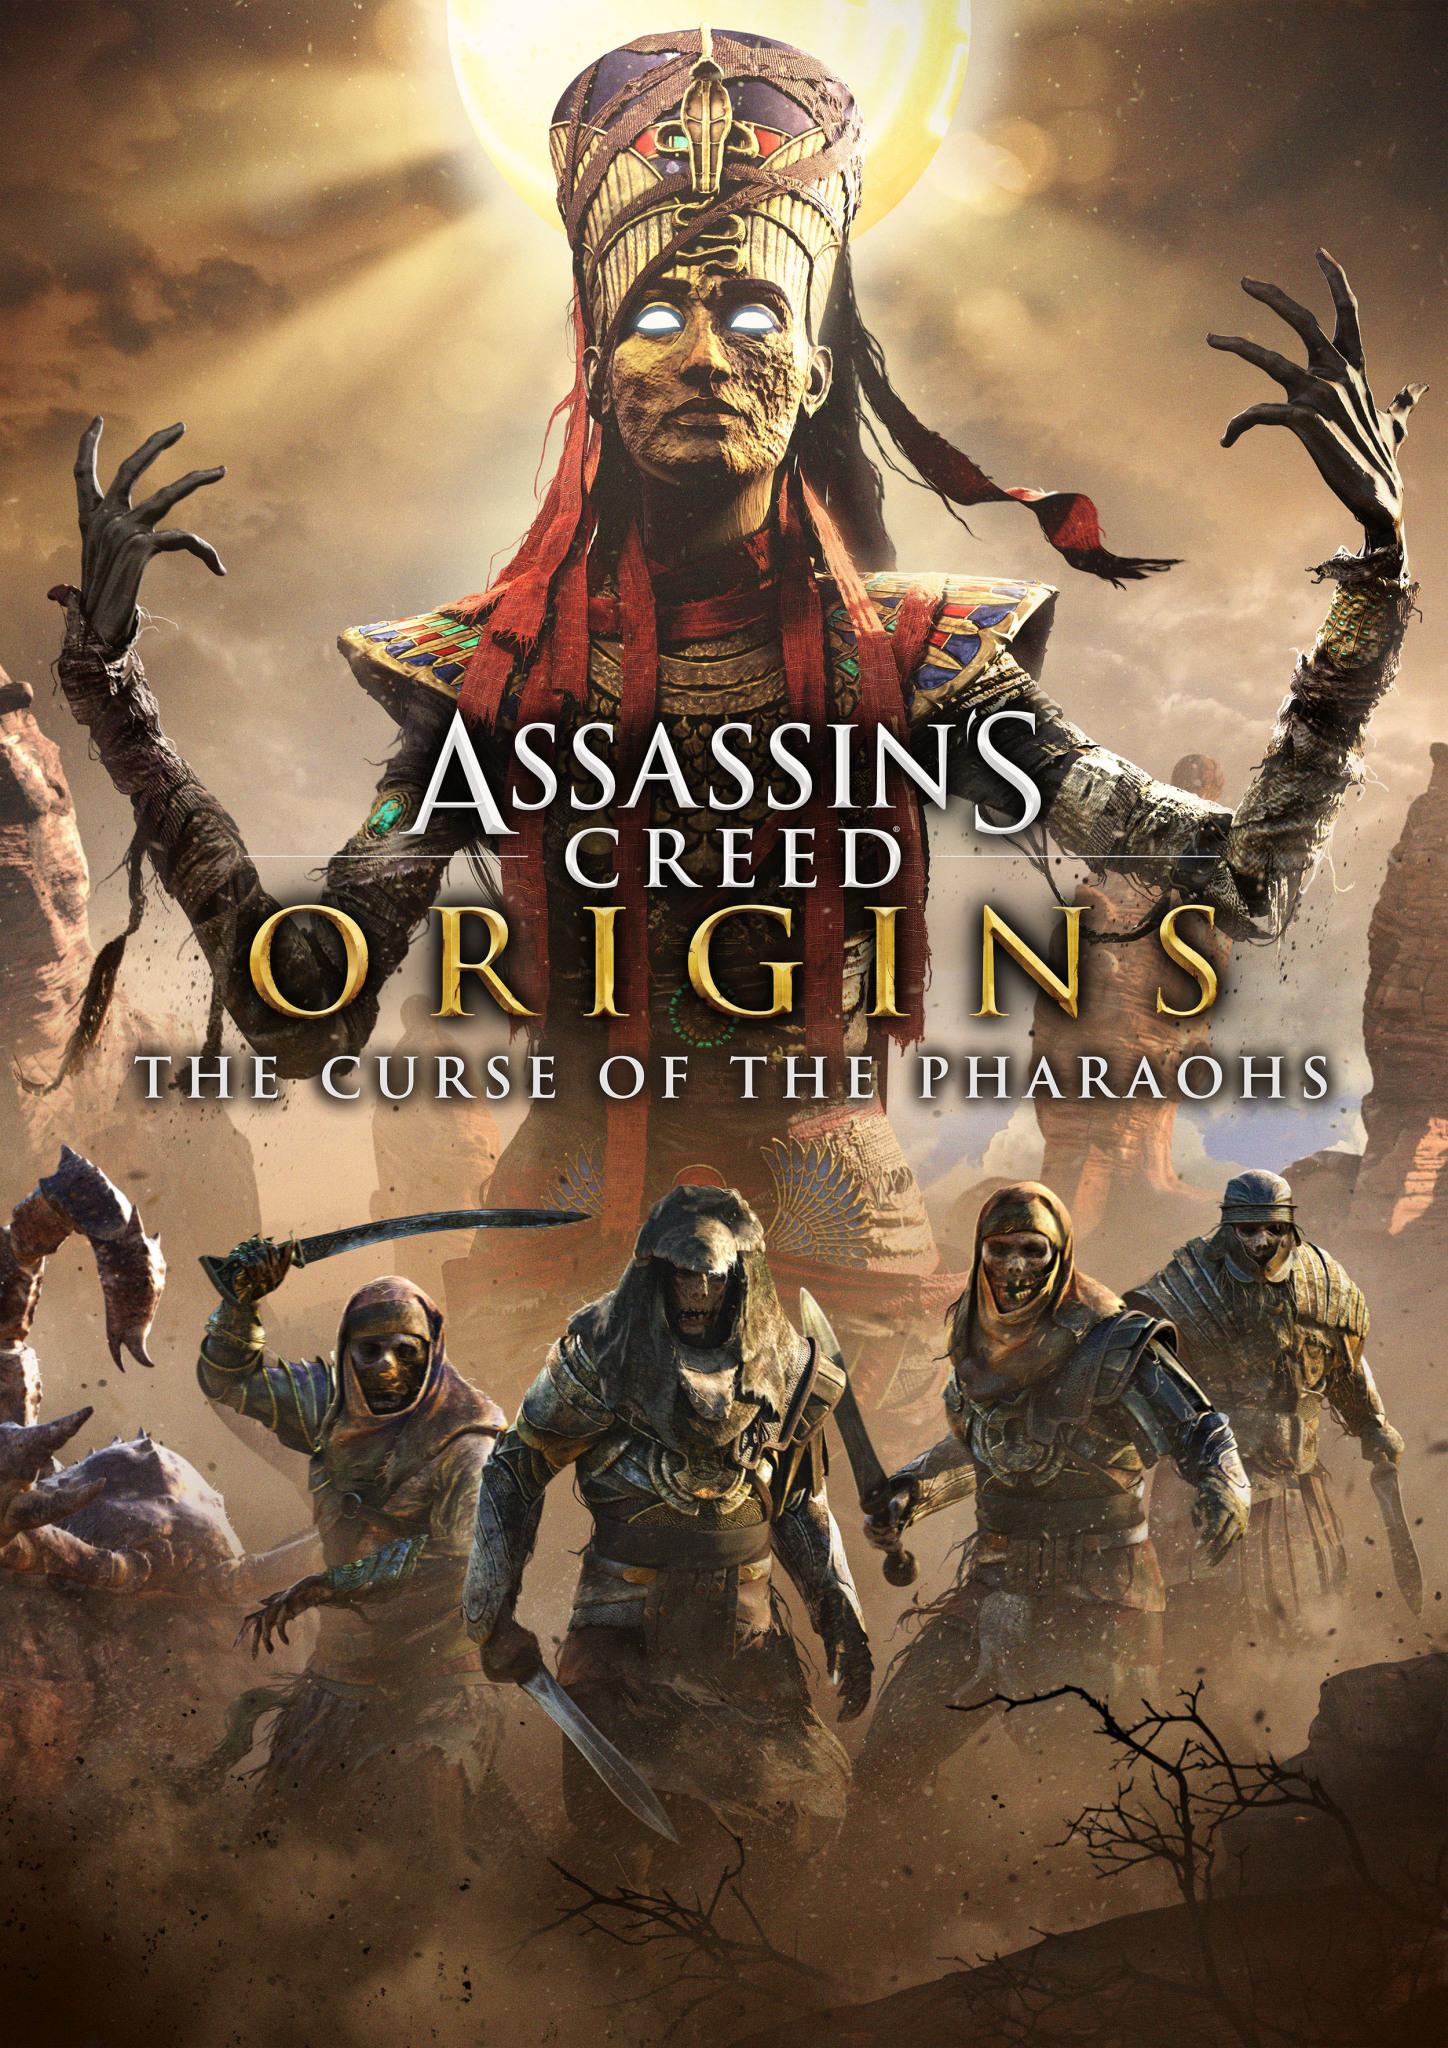 Assassin's Creed Origins - Cursed